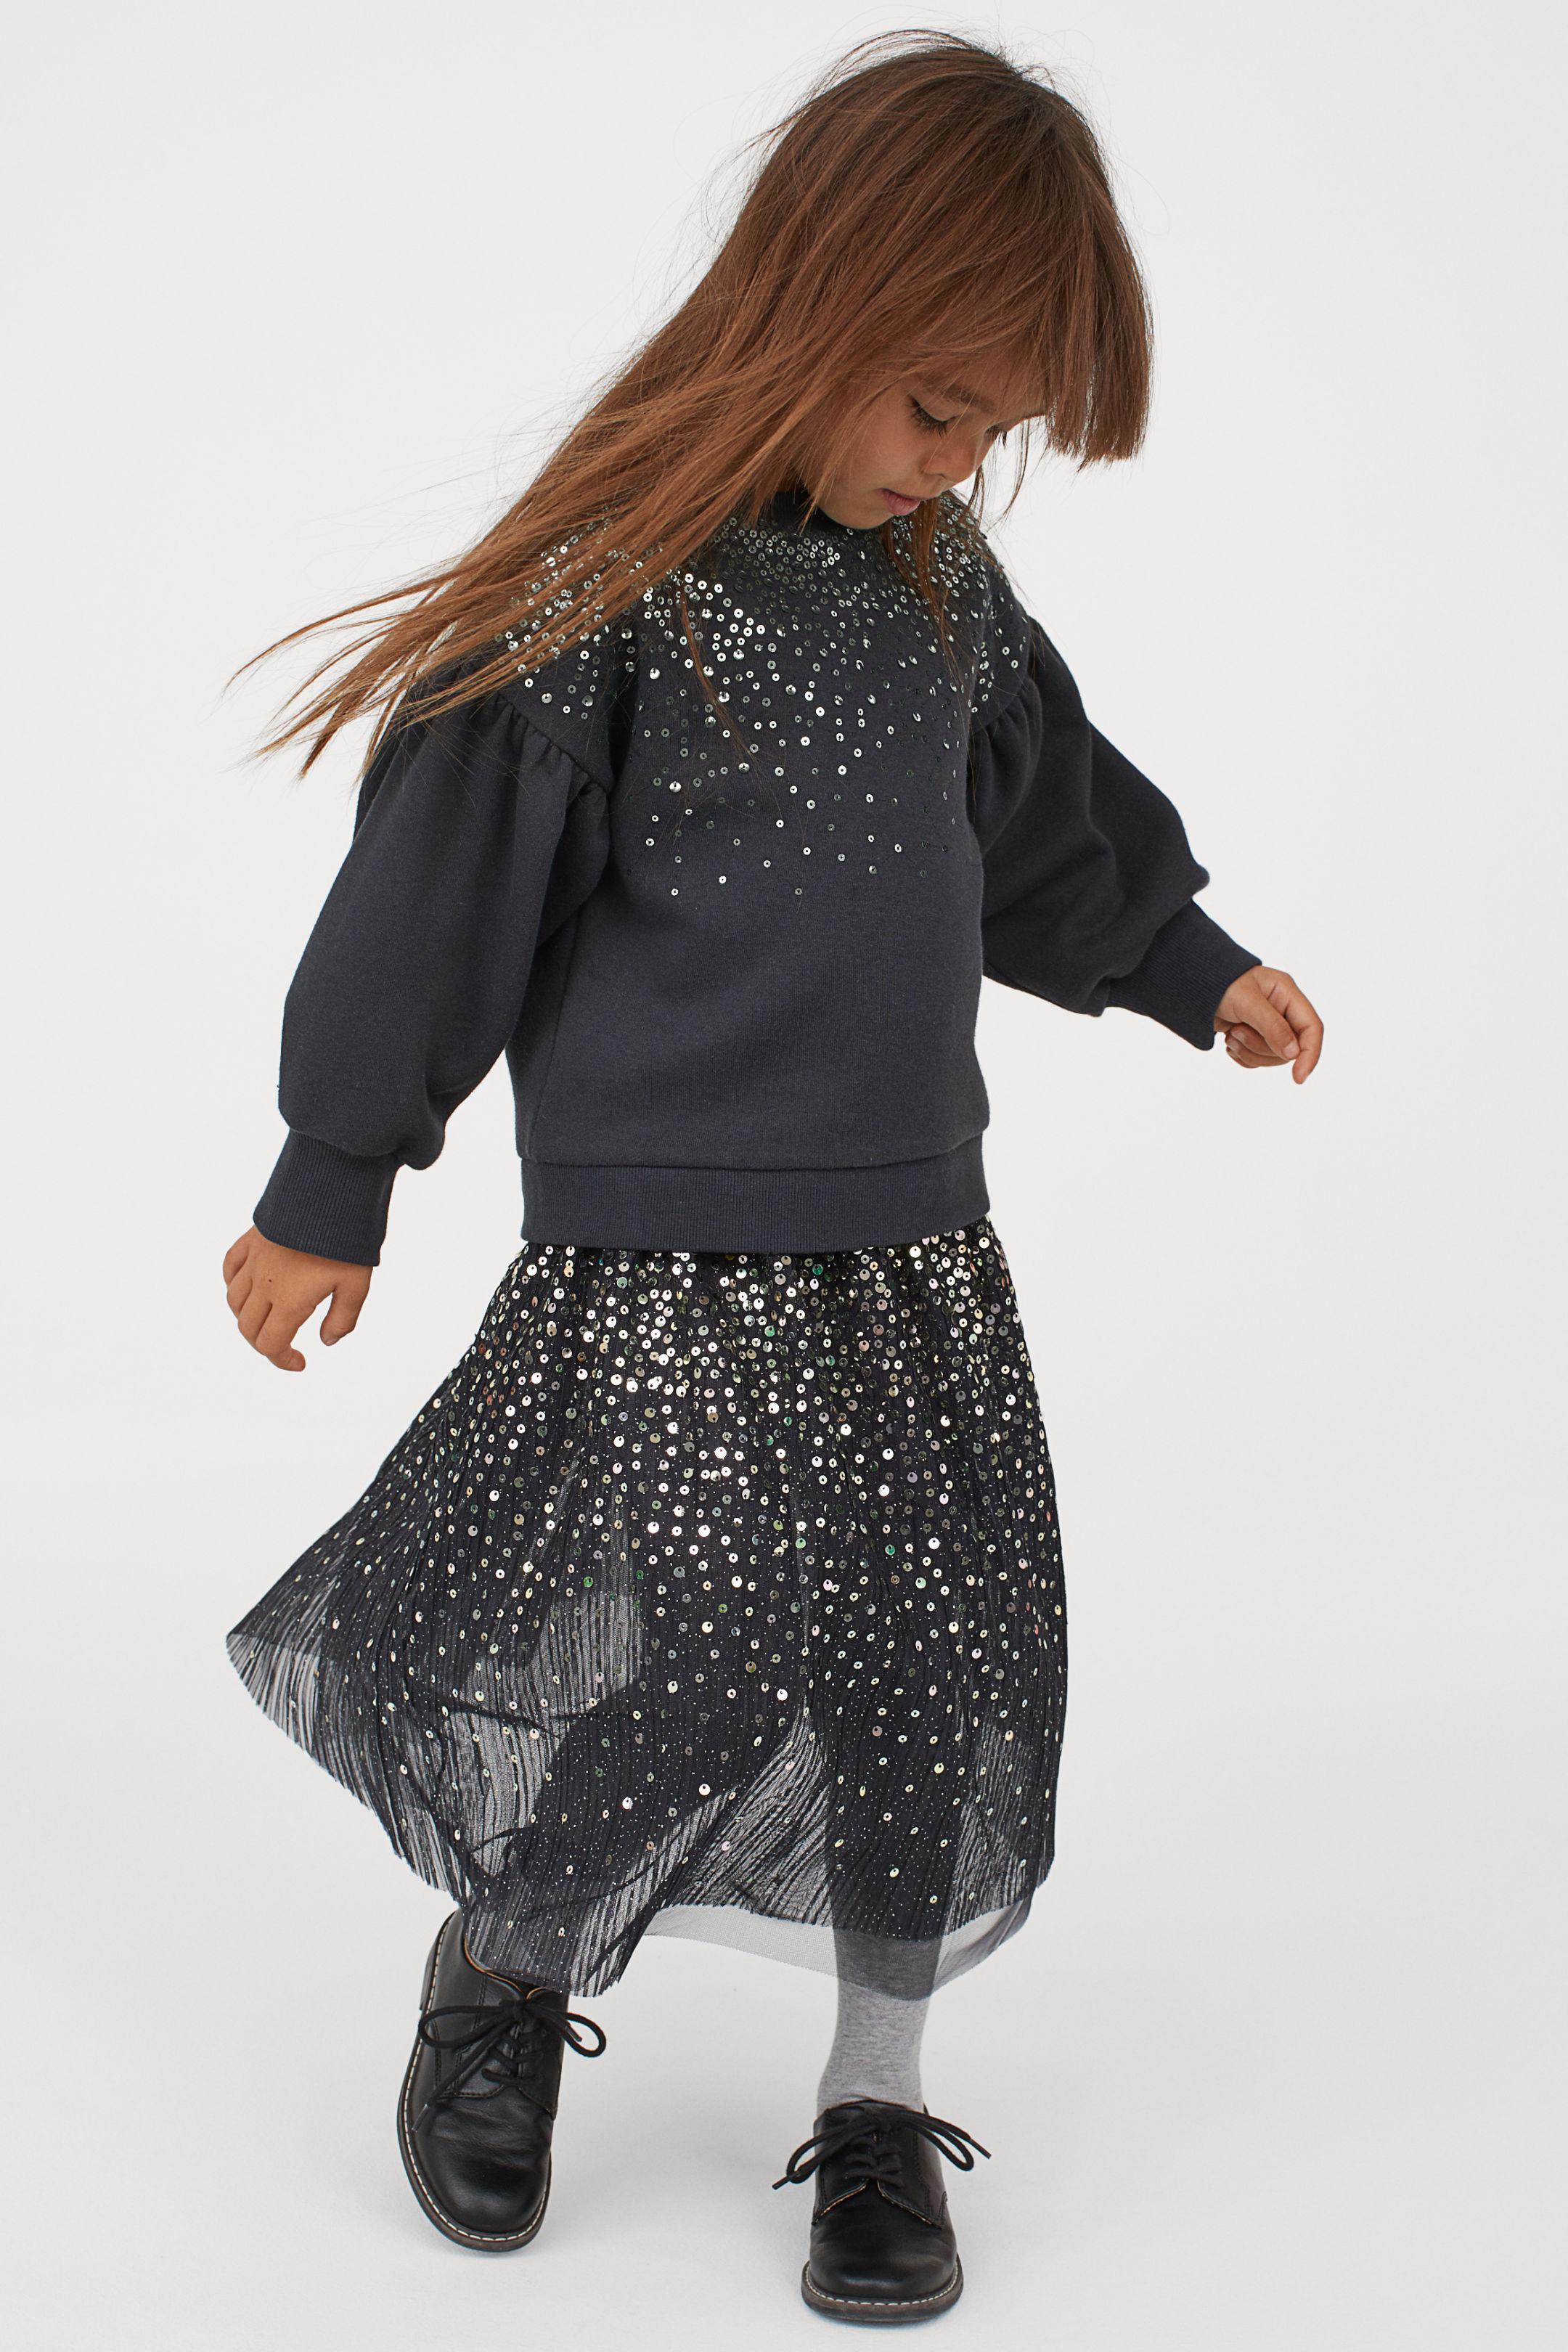 girls-black-tulle-sequin-skirt